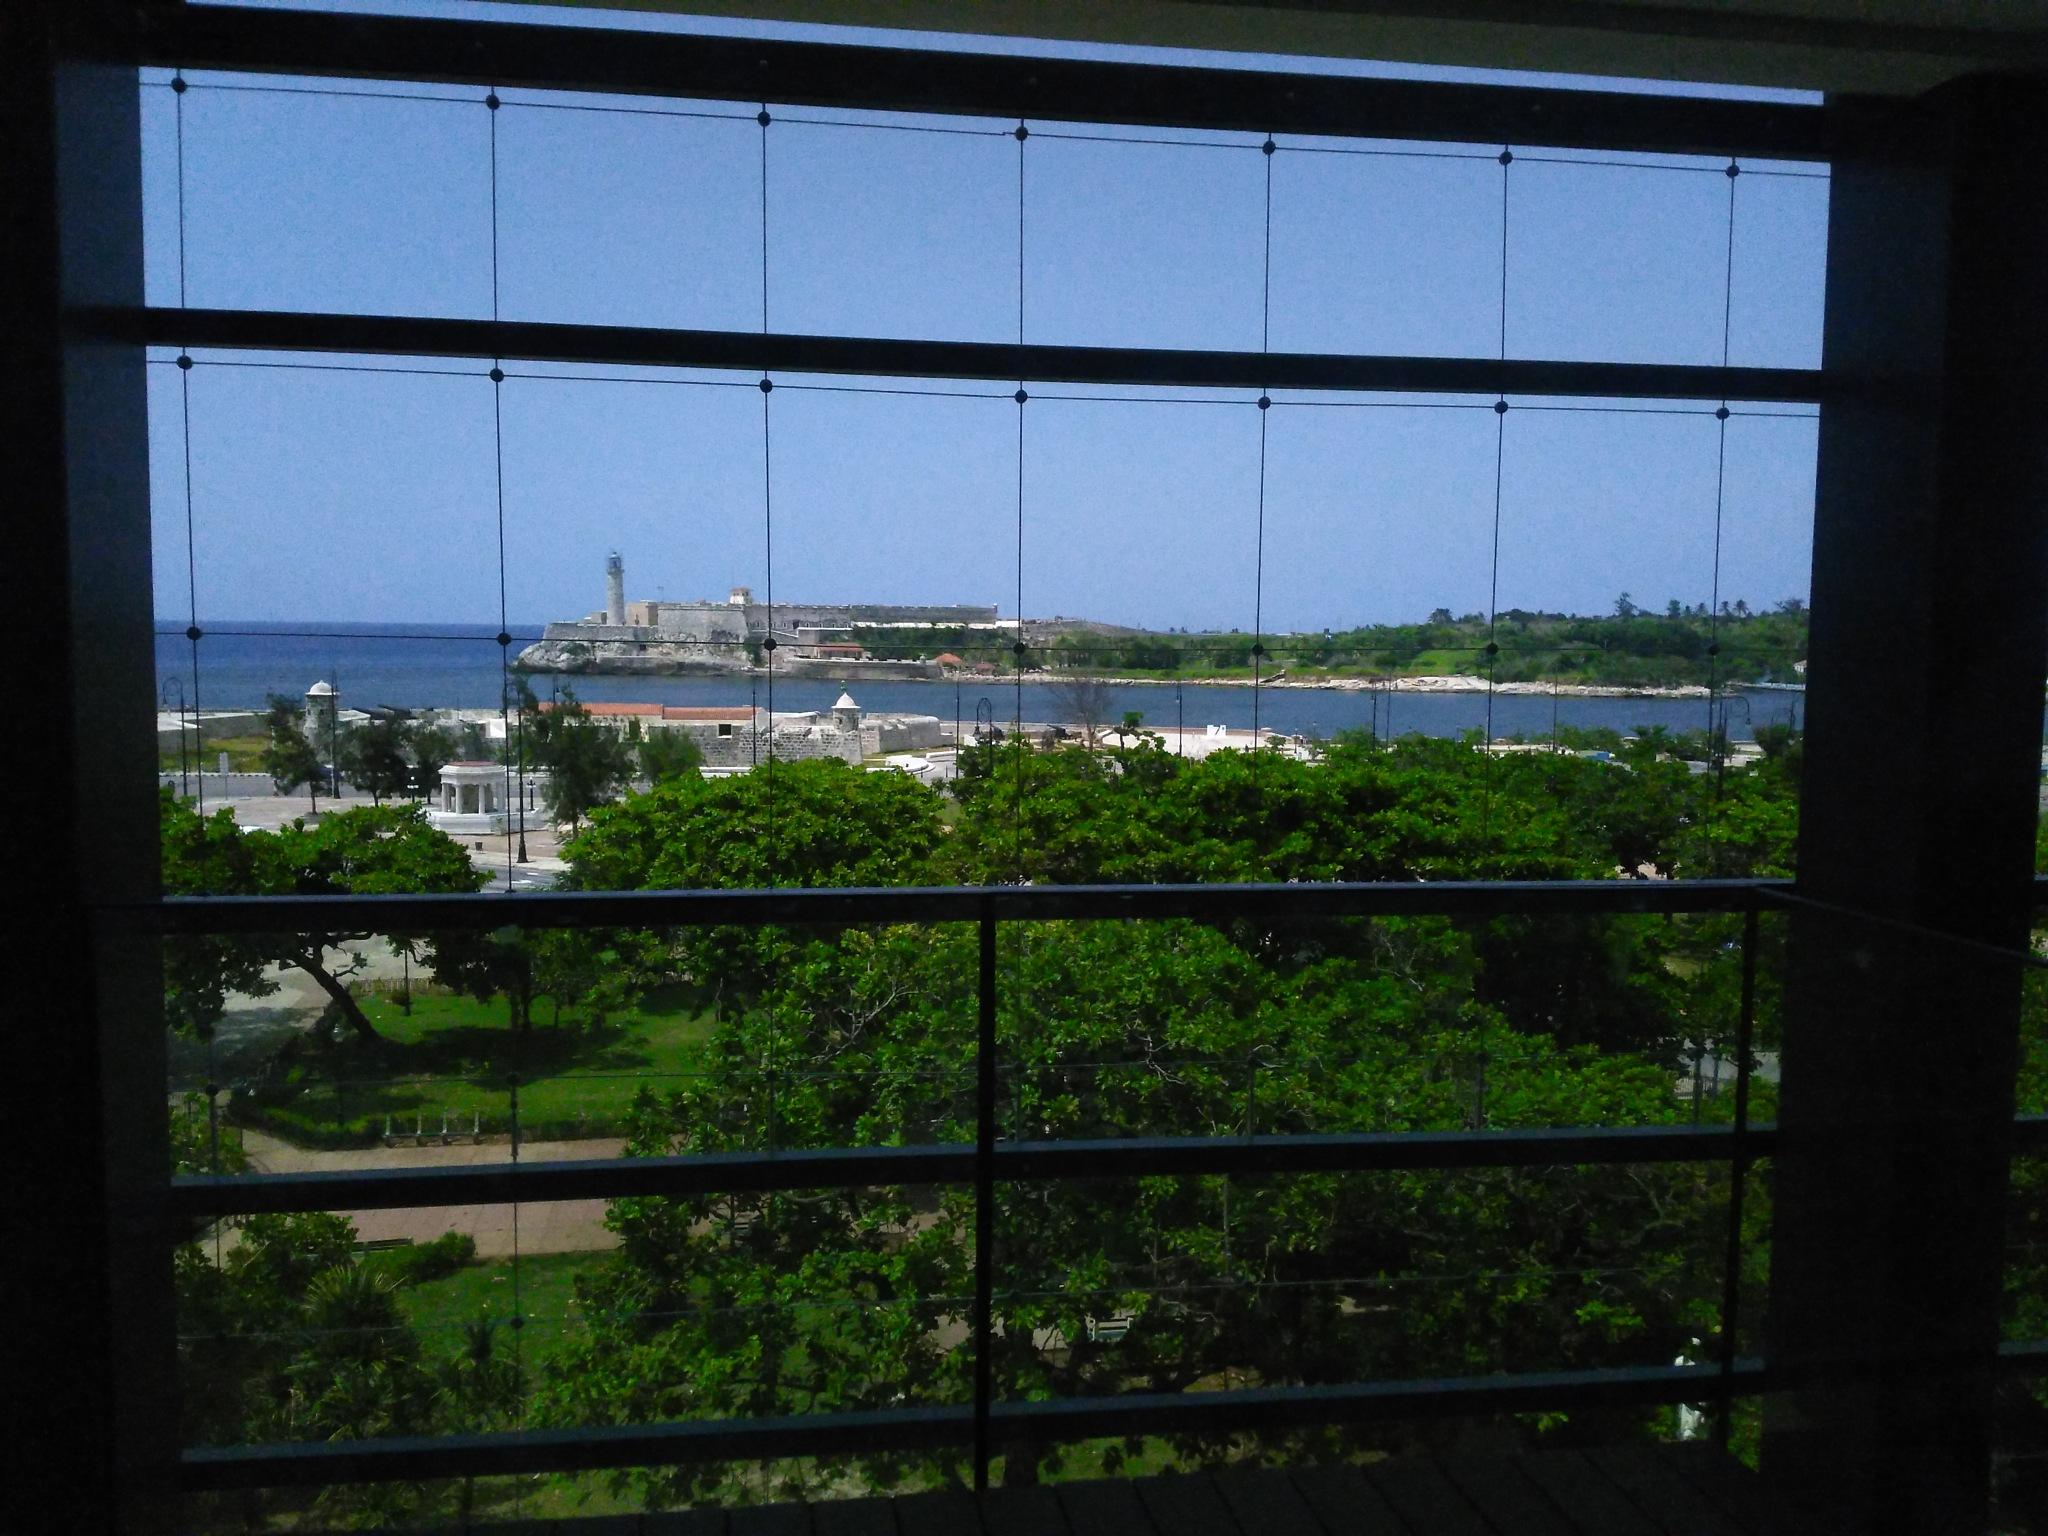 Bay view by Raul Morejon Aguiar